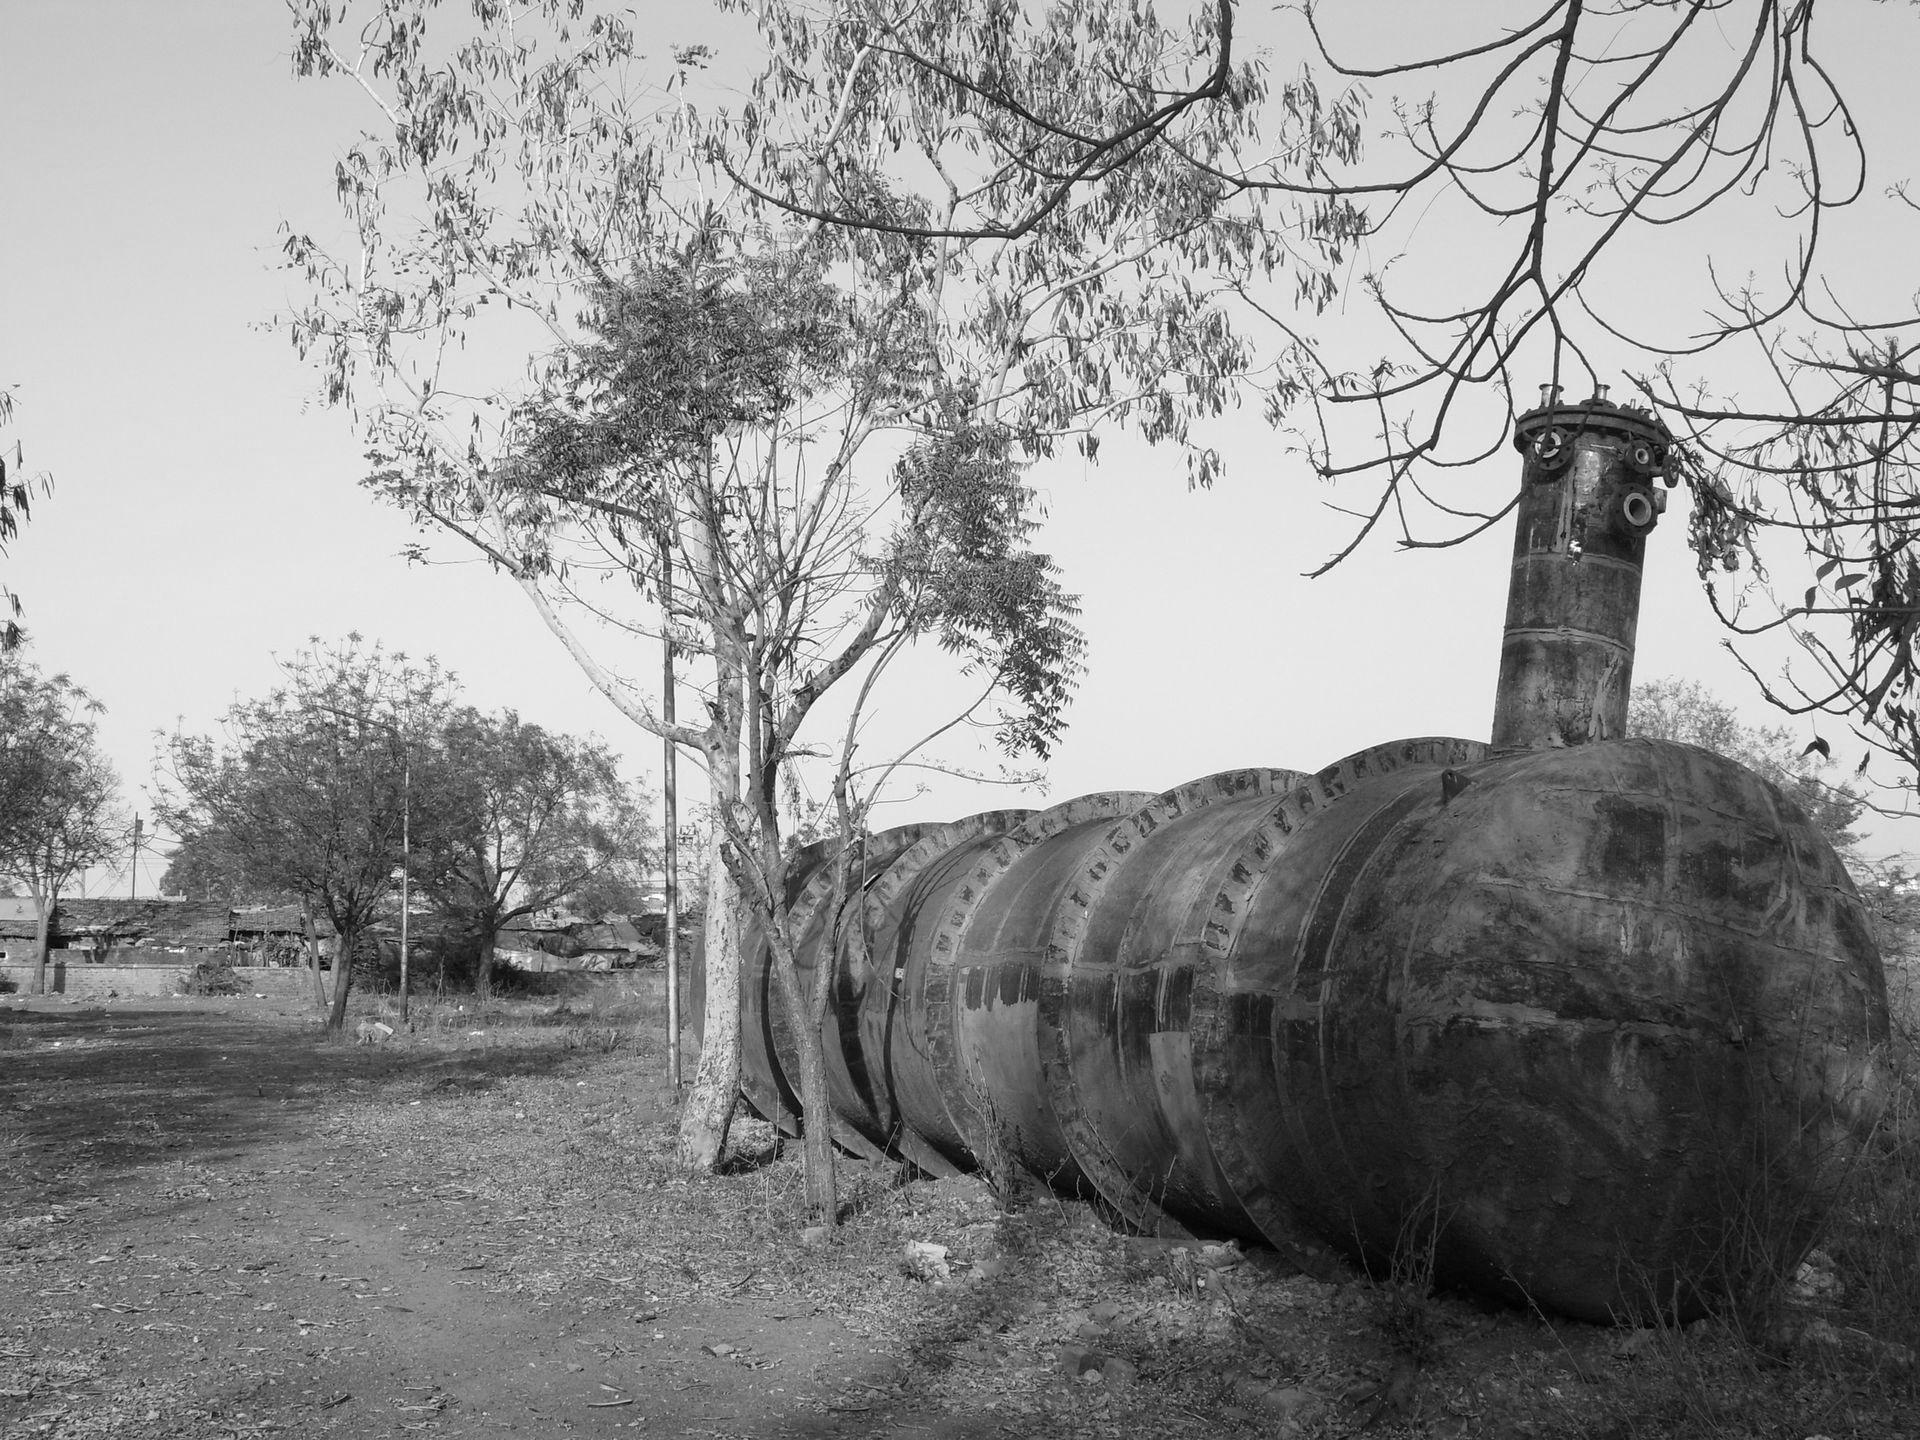 Резервуар, из которого вырвался смертоносный газ. Фото © Wikipedia